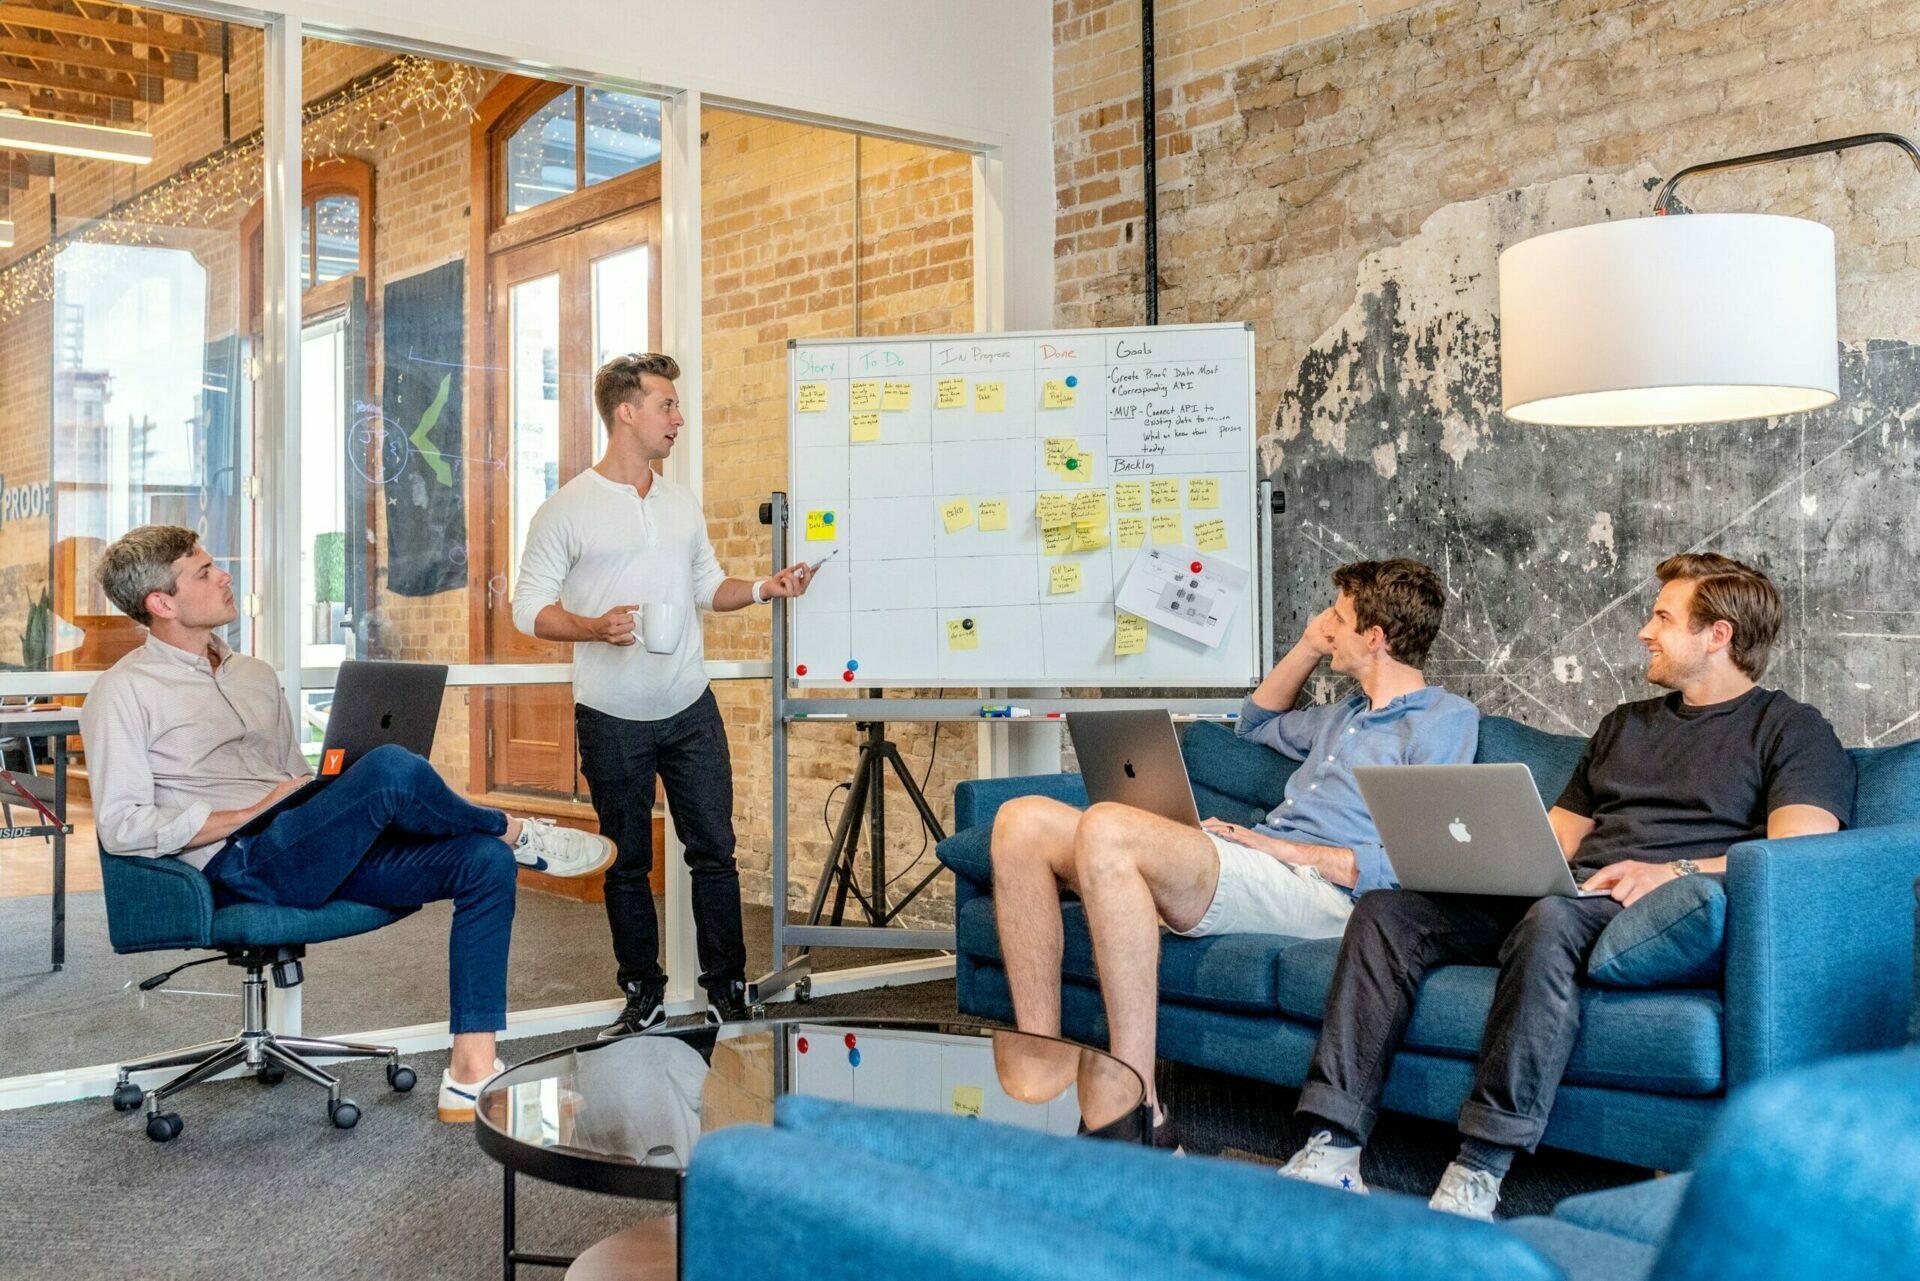 Vier junge Männer in legerer Kleidung in einem Business-Meeting.